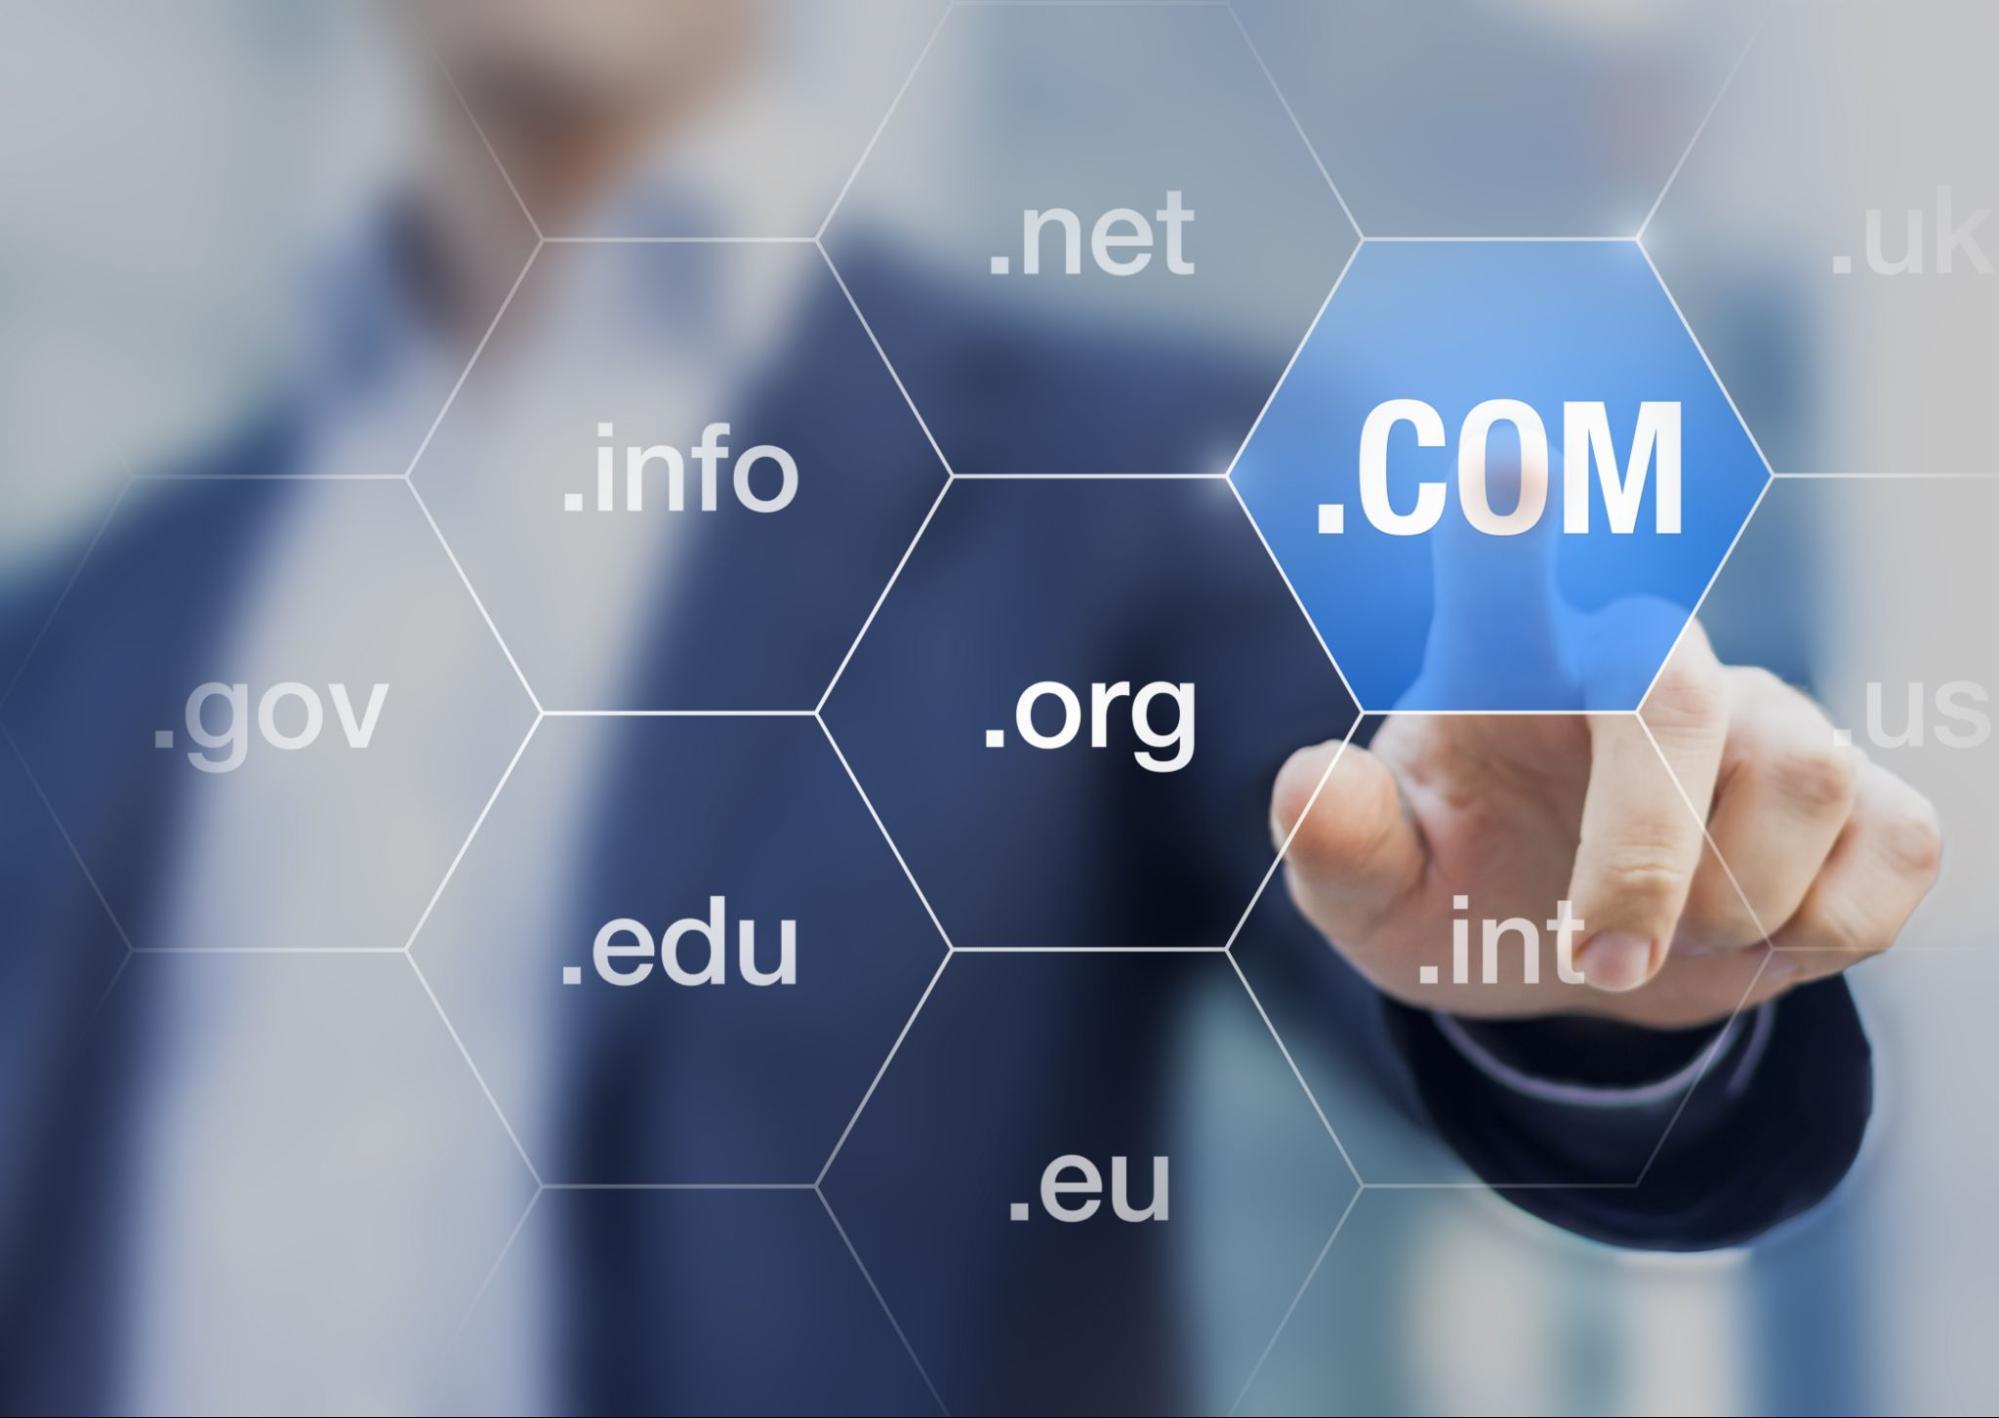 網域名稱是什麼?一篇了解網域命名規則、挑選方式,輕鬆建置專業網站